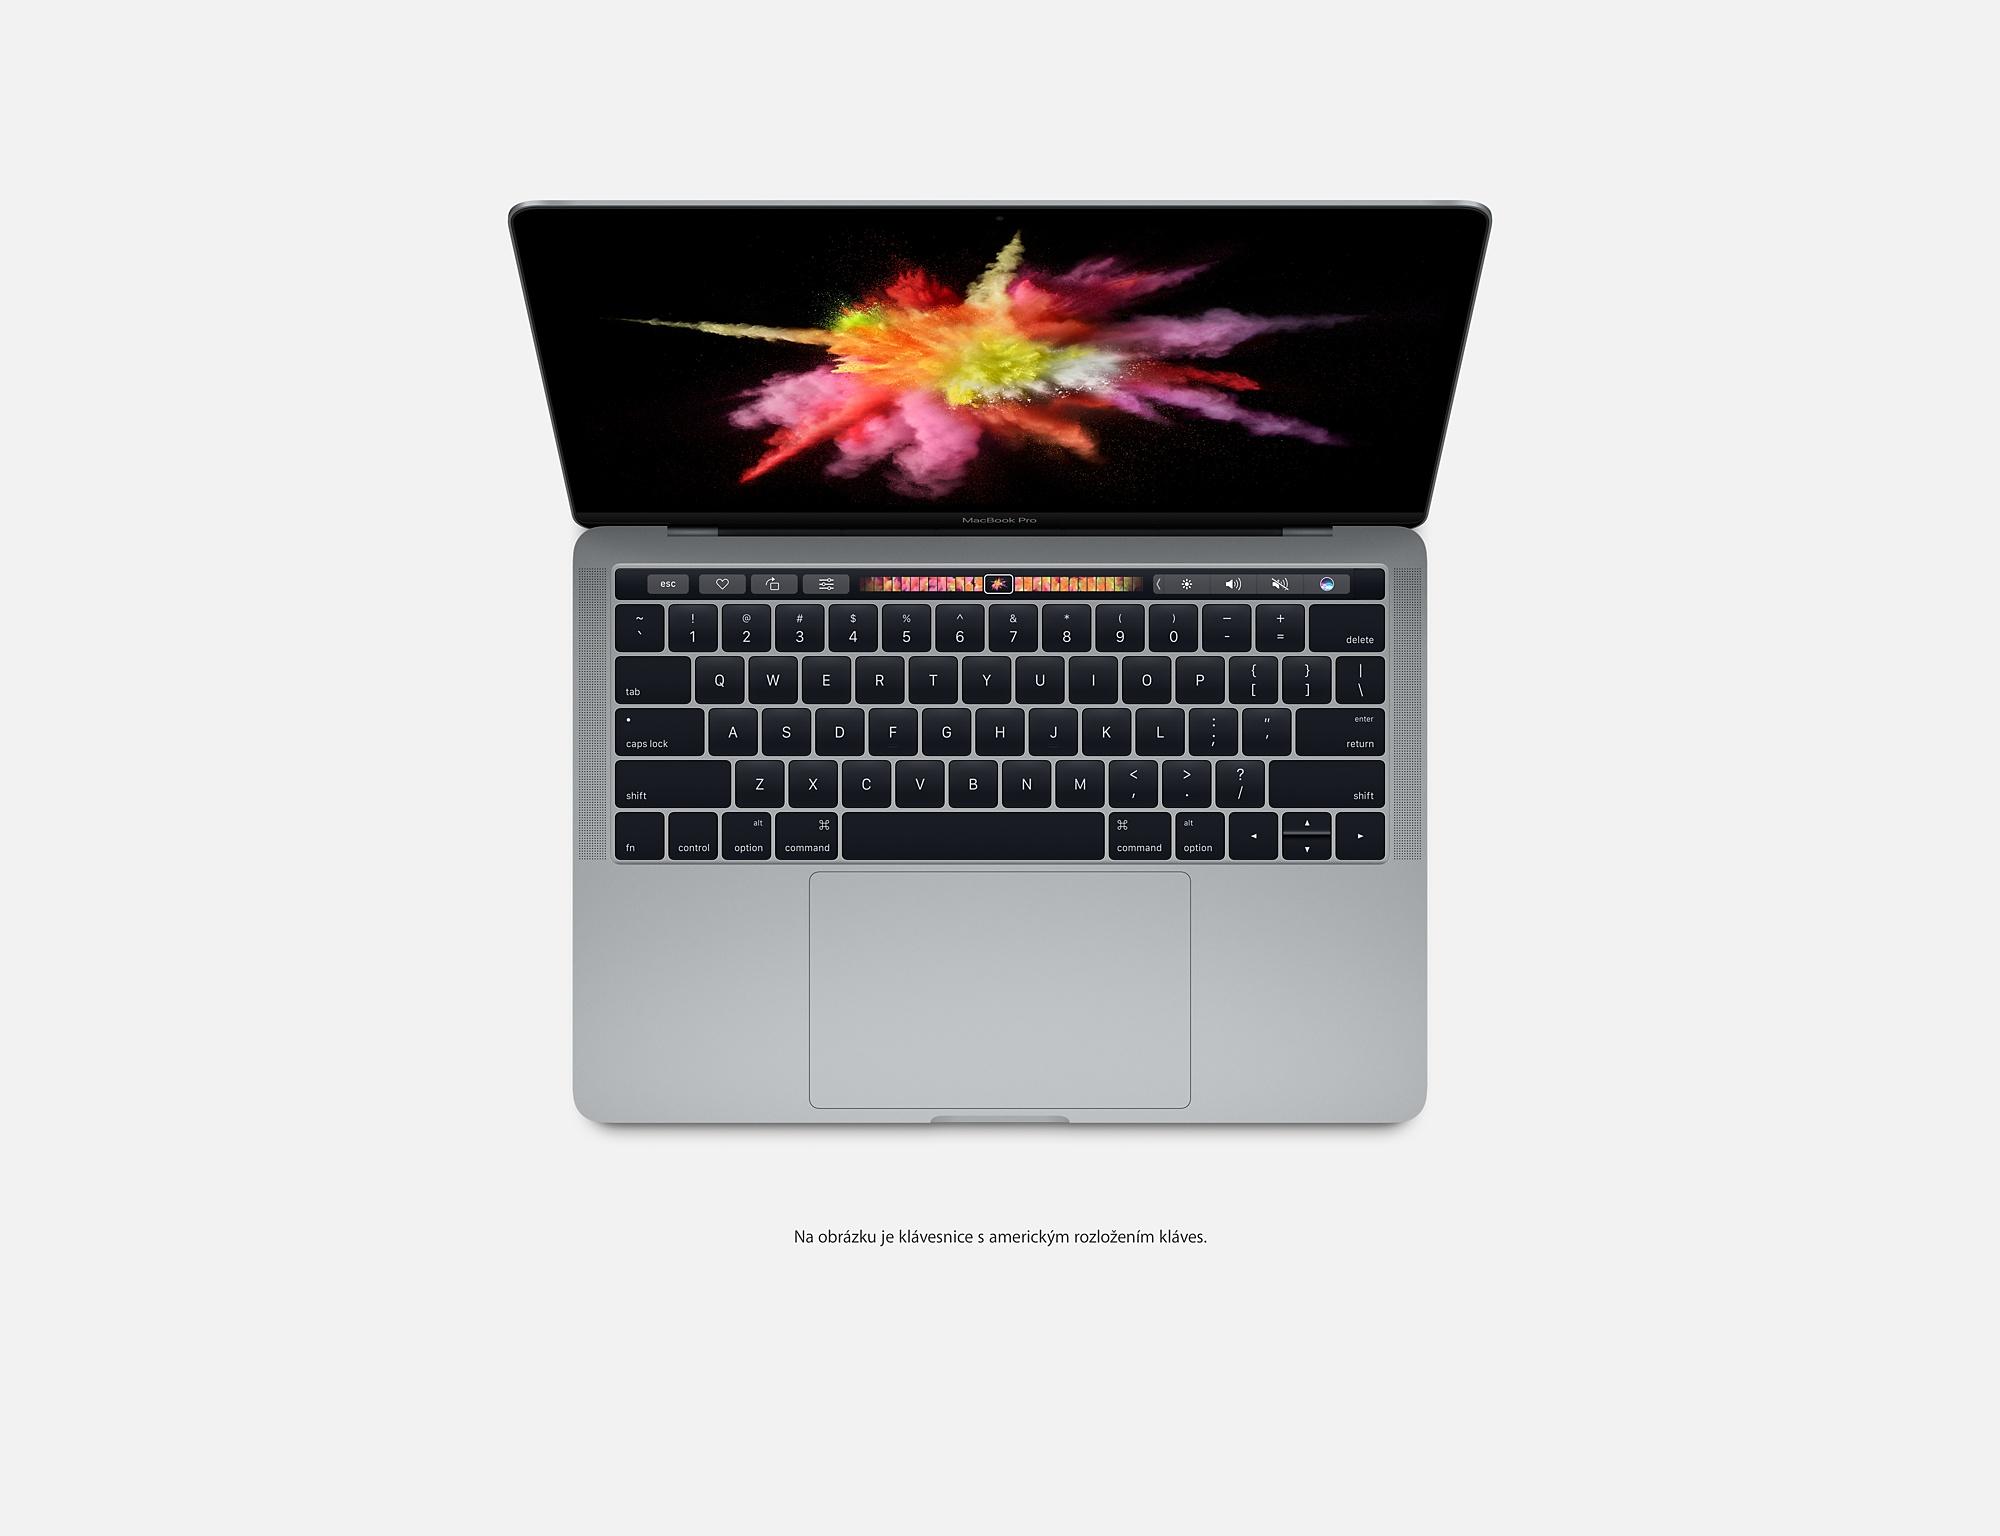 """Apple MacBook Pro 13,3"""" Touch Bar/IPS Retina 2560x1600/DC i5 2.9-3.3GHz/8GB/256GB_SSD/Iris 550/CZ/Space Gray"""